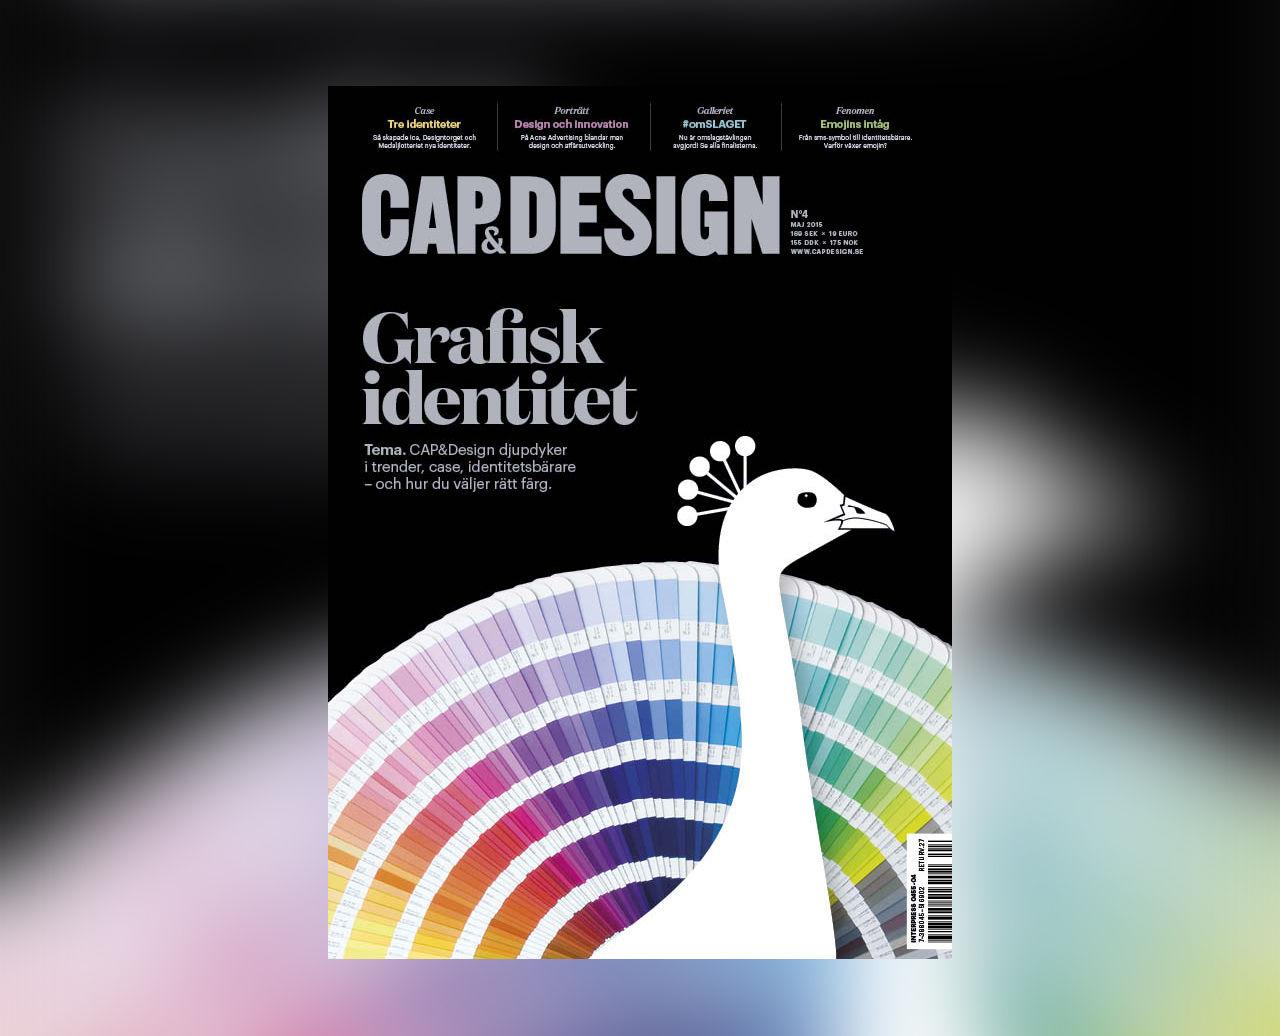 Cap & Design lägger ner pappersversionen